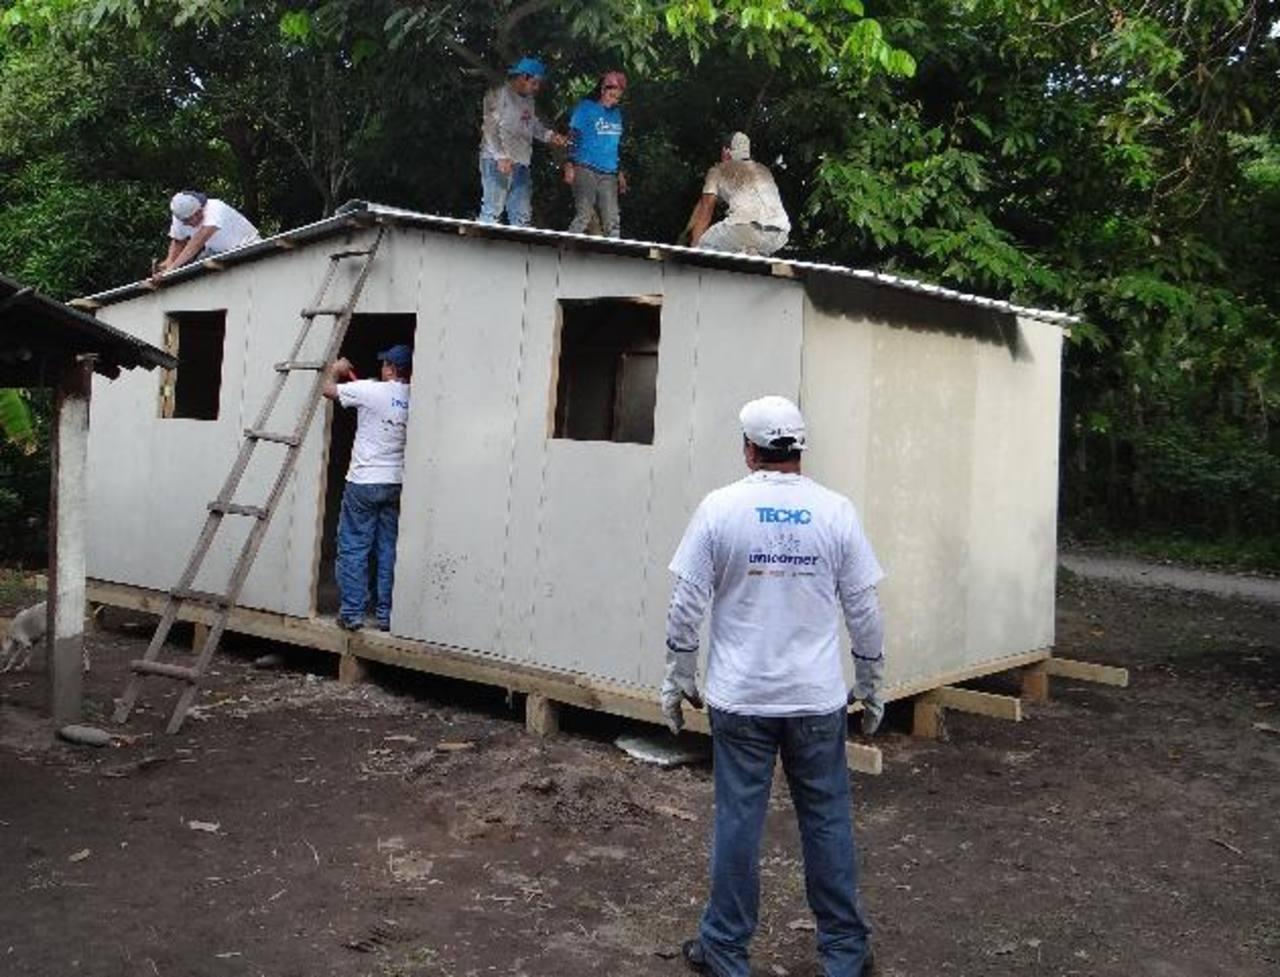 Los voluntarios de Unicomer participaron de forma activa en la construcción de las viviendas provisionales. Foto EDH /Cortesía